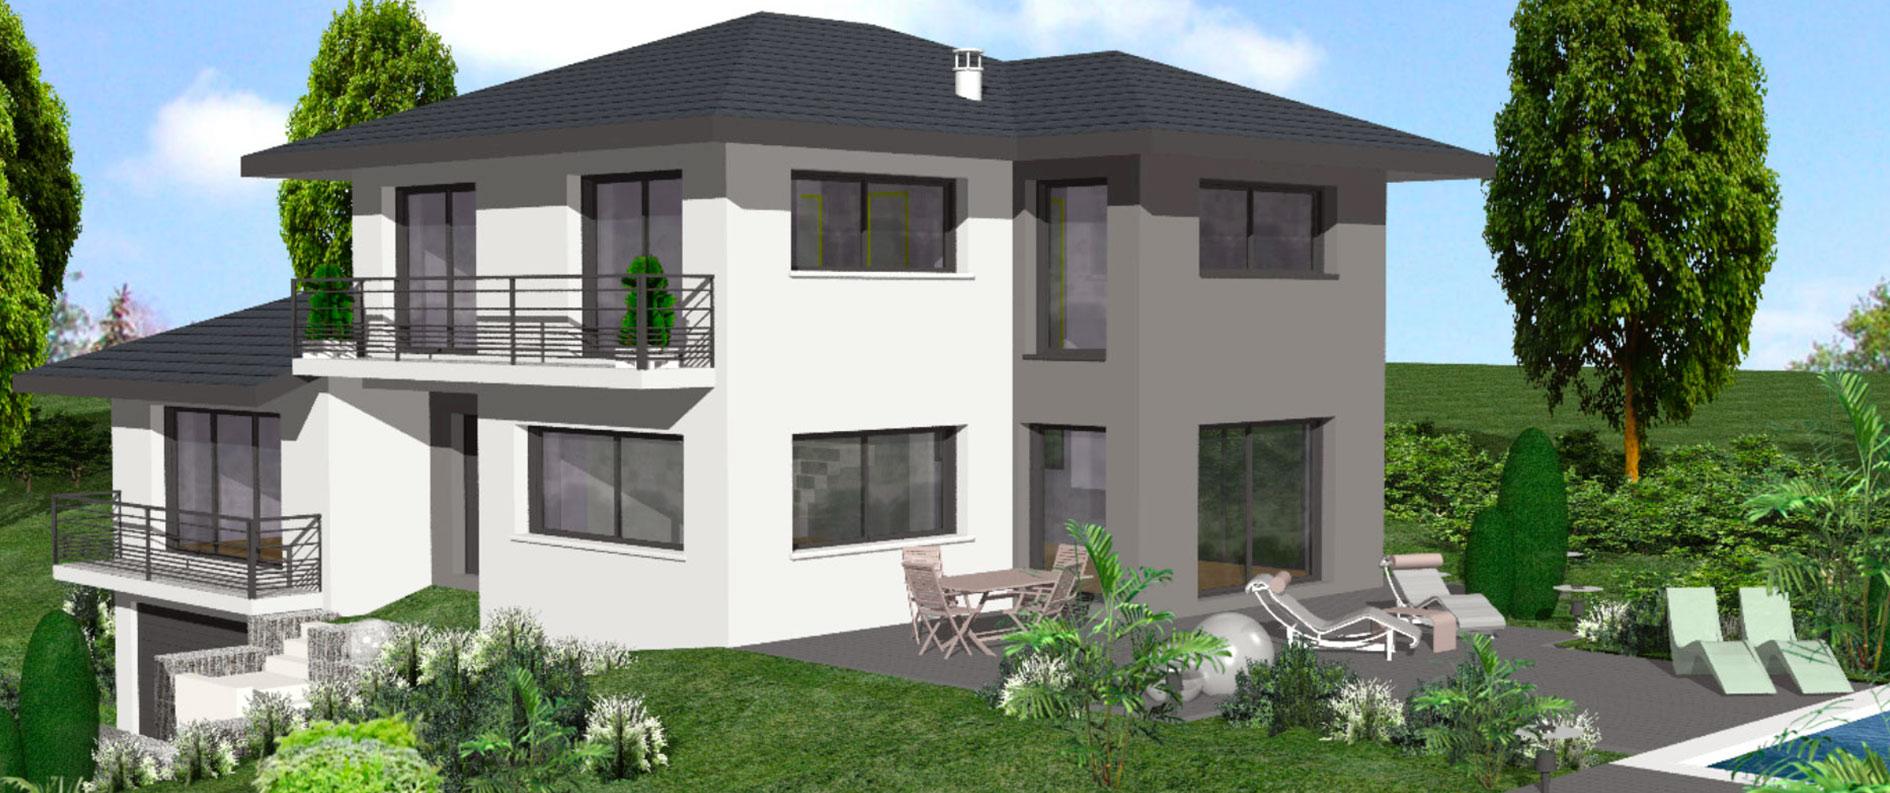 constructeur de maison en savoie haute savoie. Black Bedroom Furniture Sets. Home Design Ideas